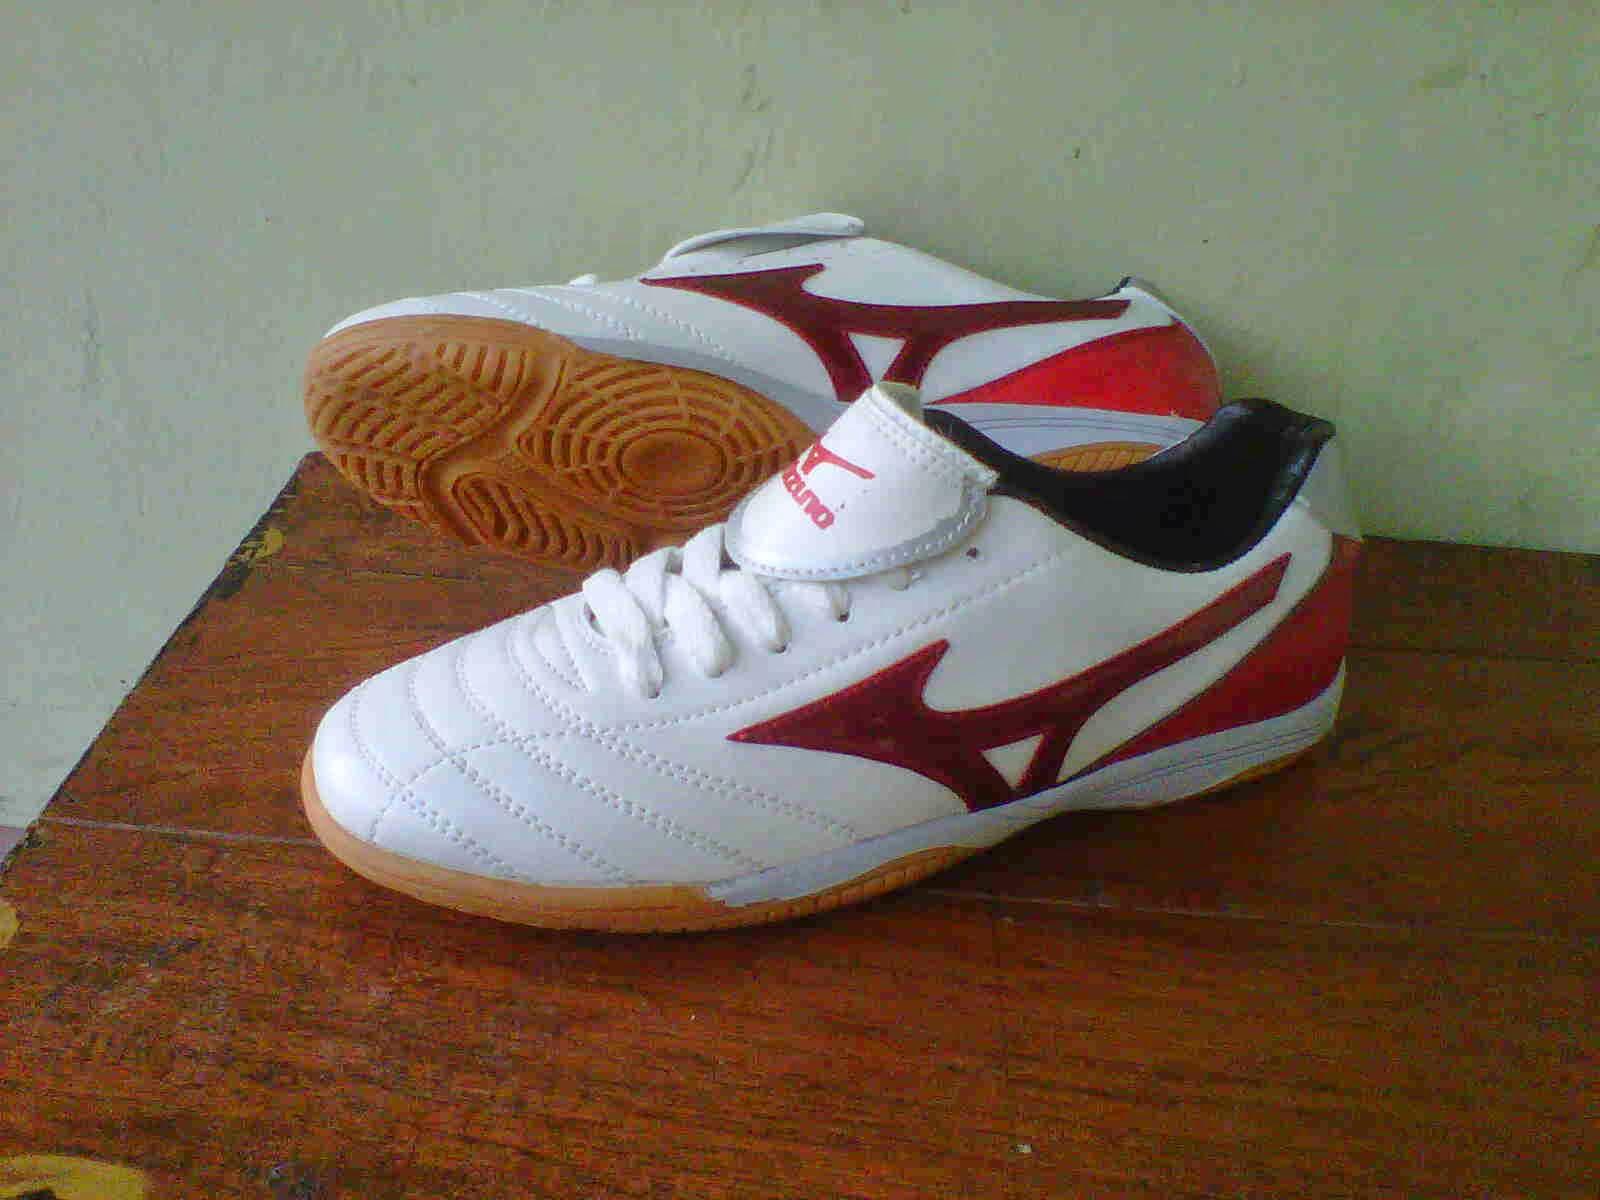 Grosir Sepatu Futsal Murah Berkualitas Agustus 2014 Mizuno  Ber Kualitas Putih Merah